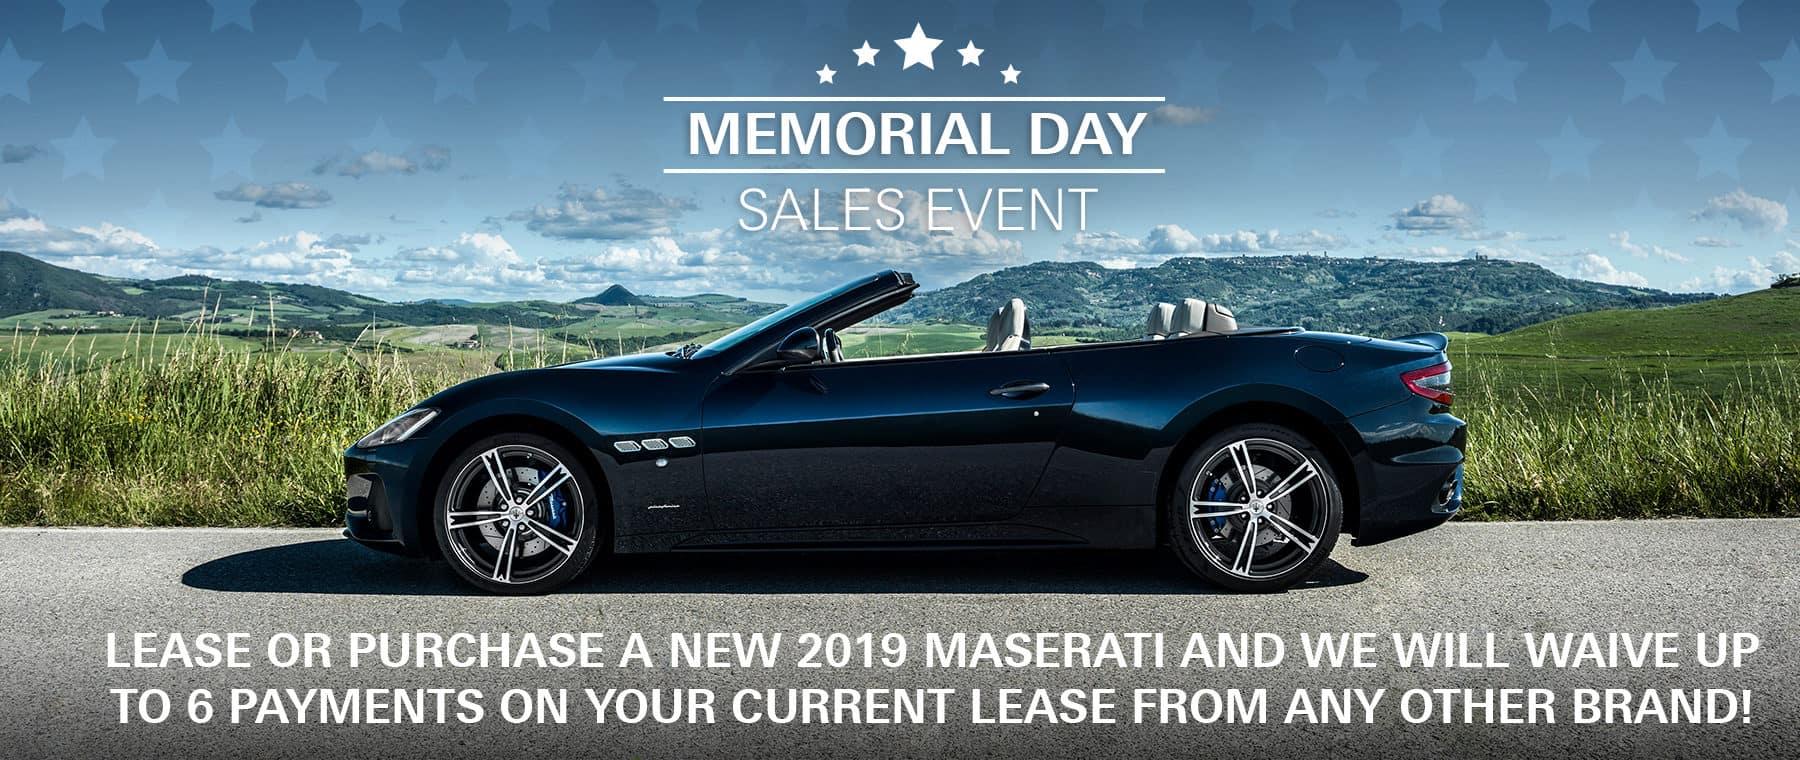 Maserati-of-santa-barbara-Memorial-day-sales